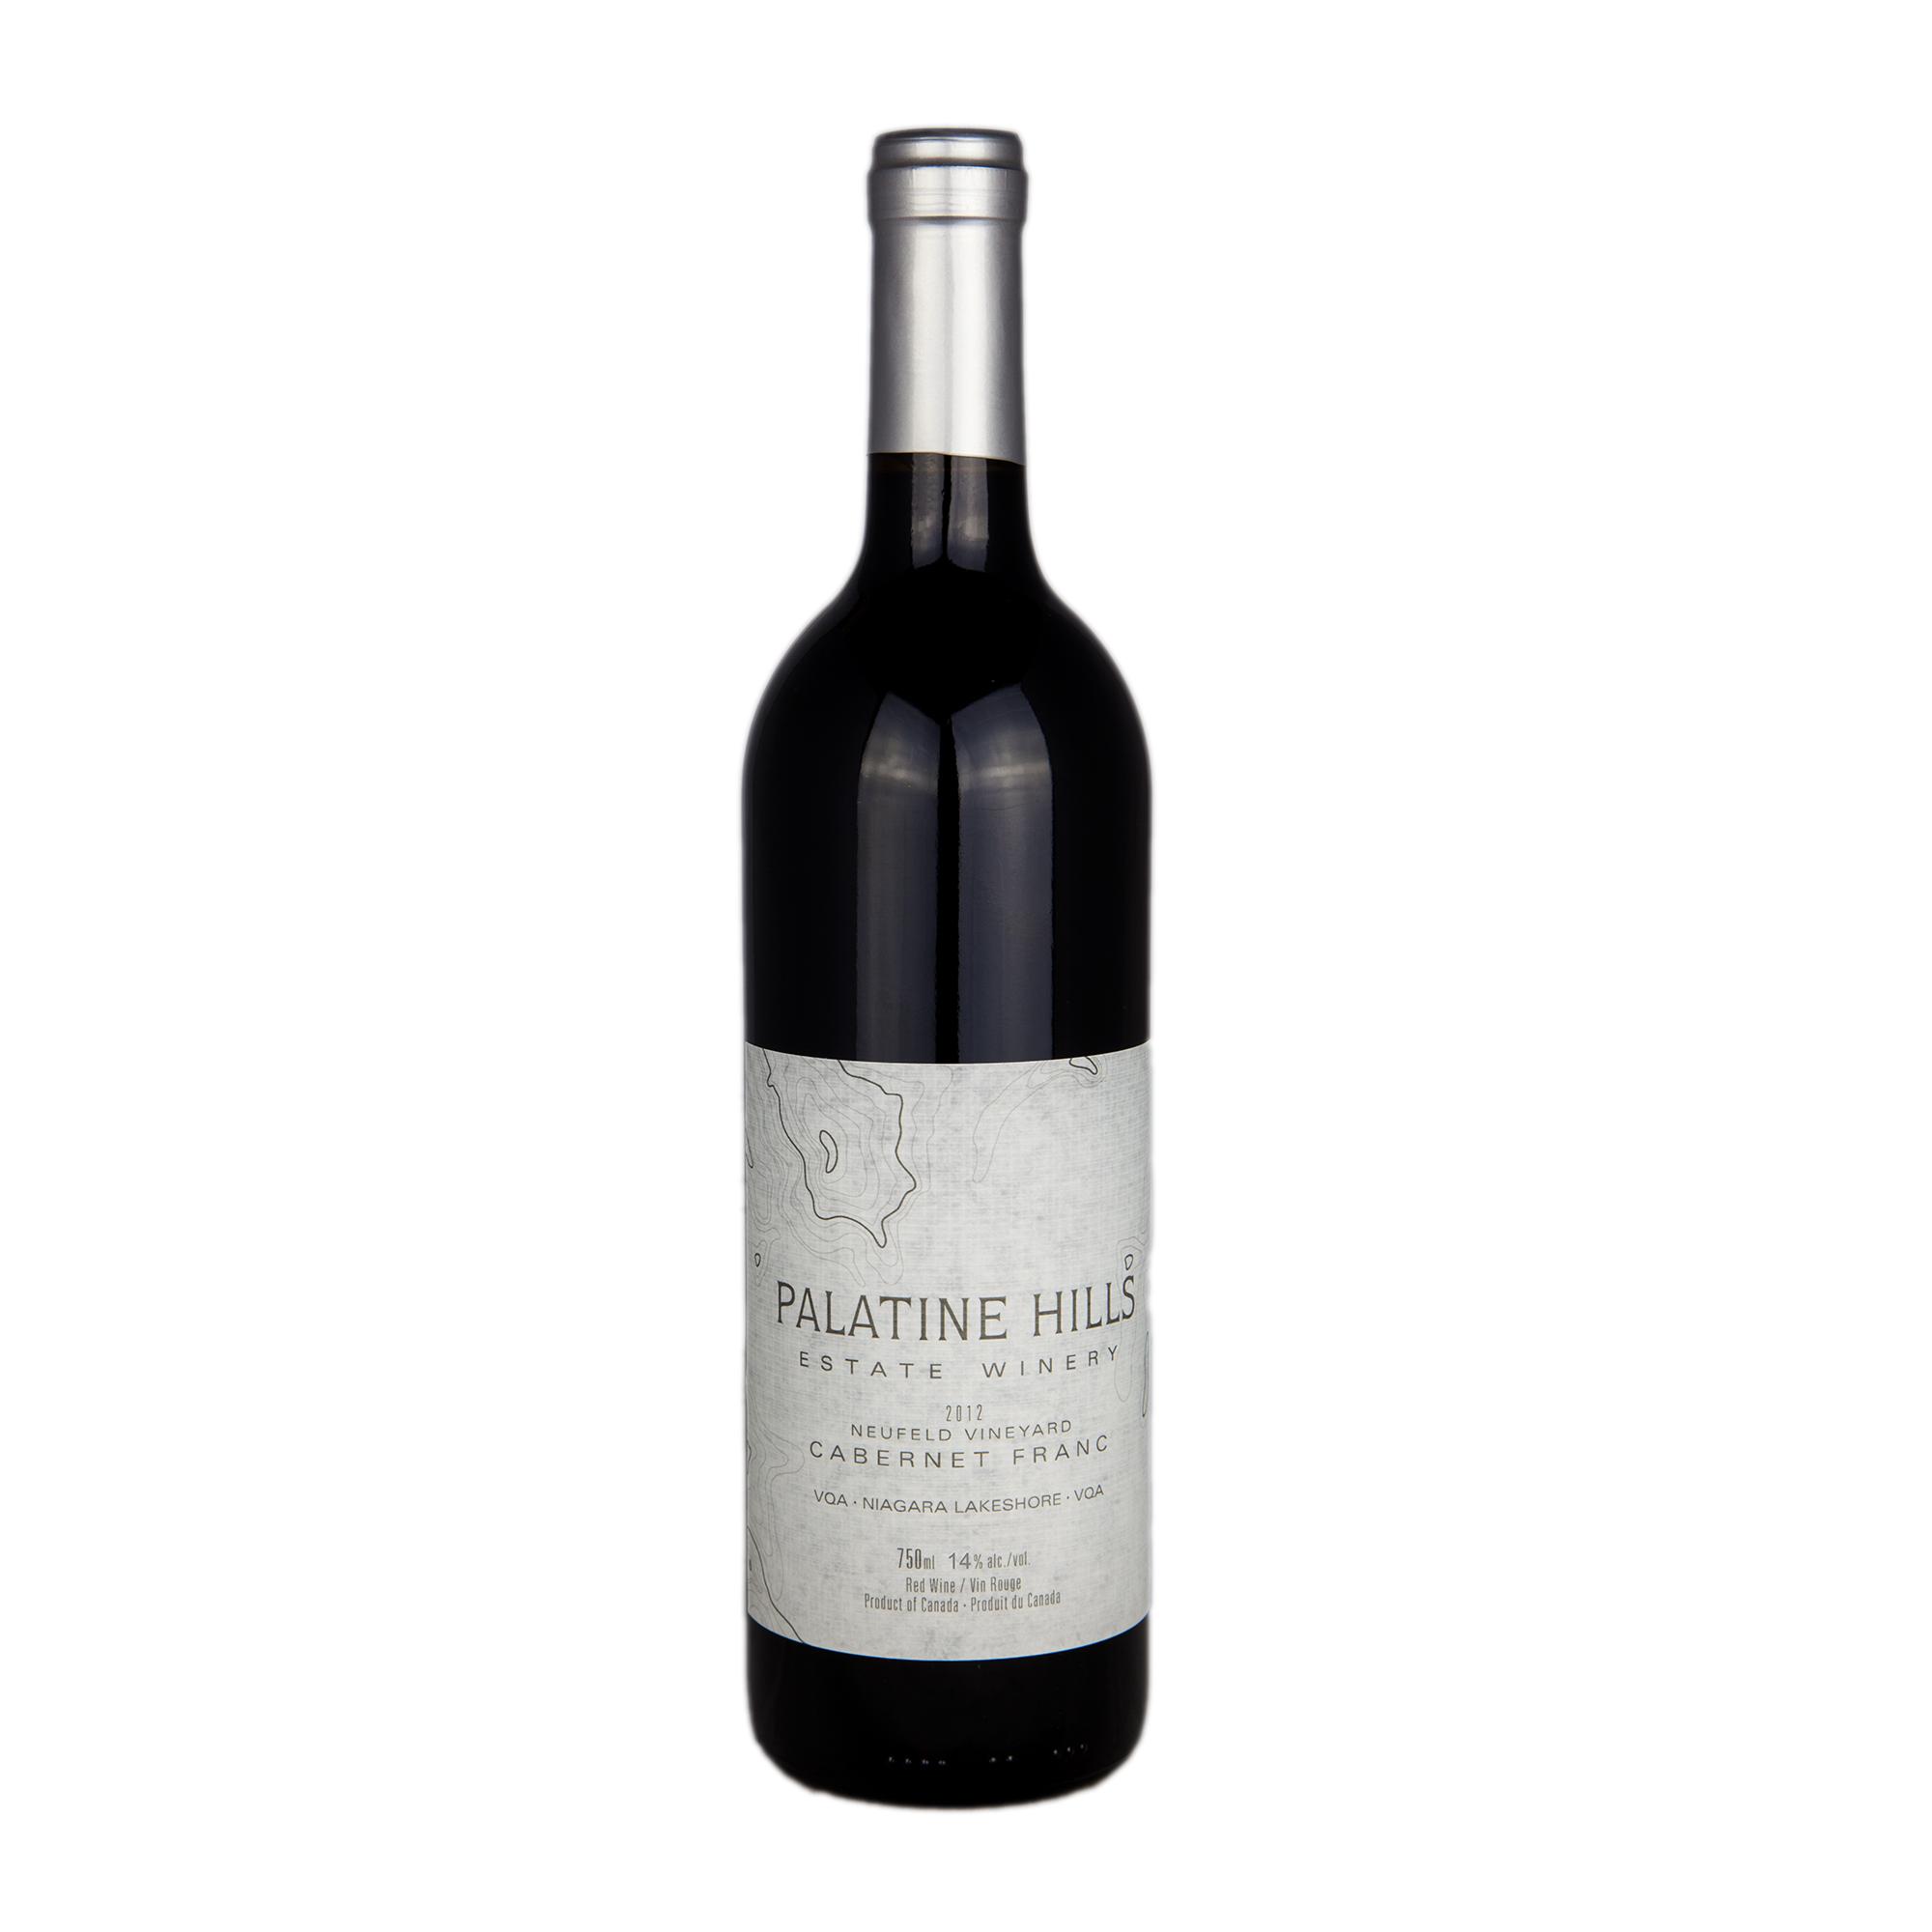 帕拉蒂尼山酒庄